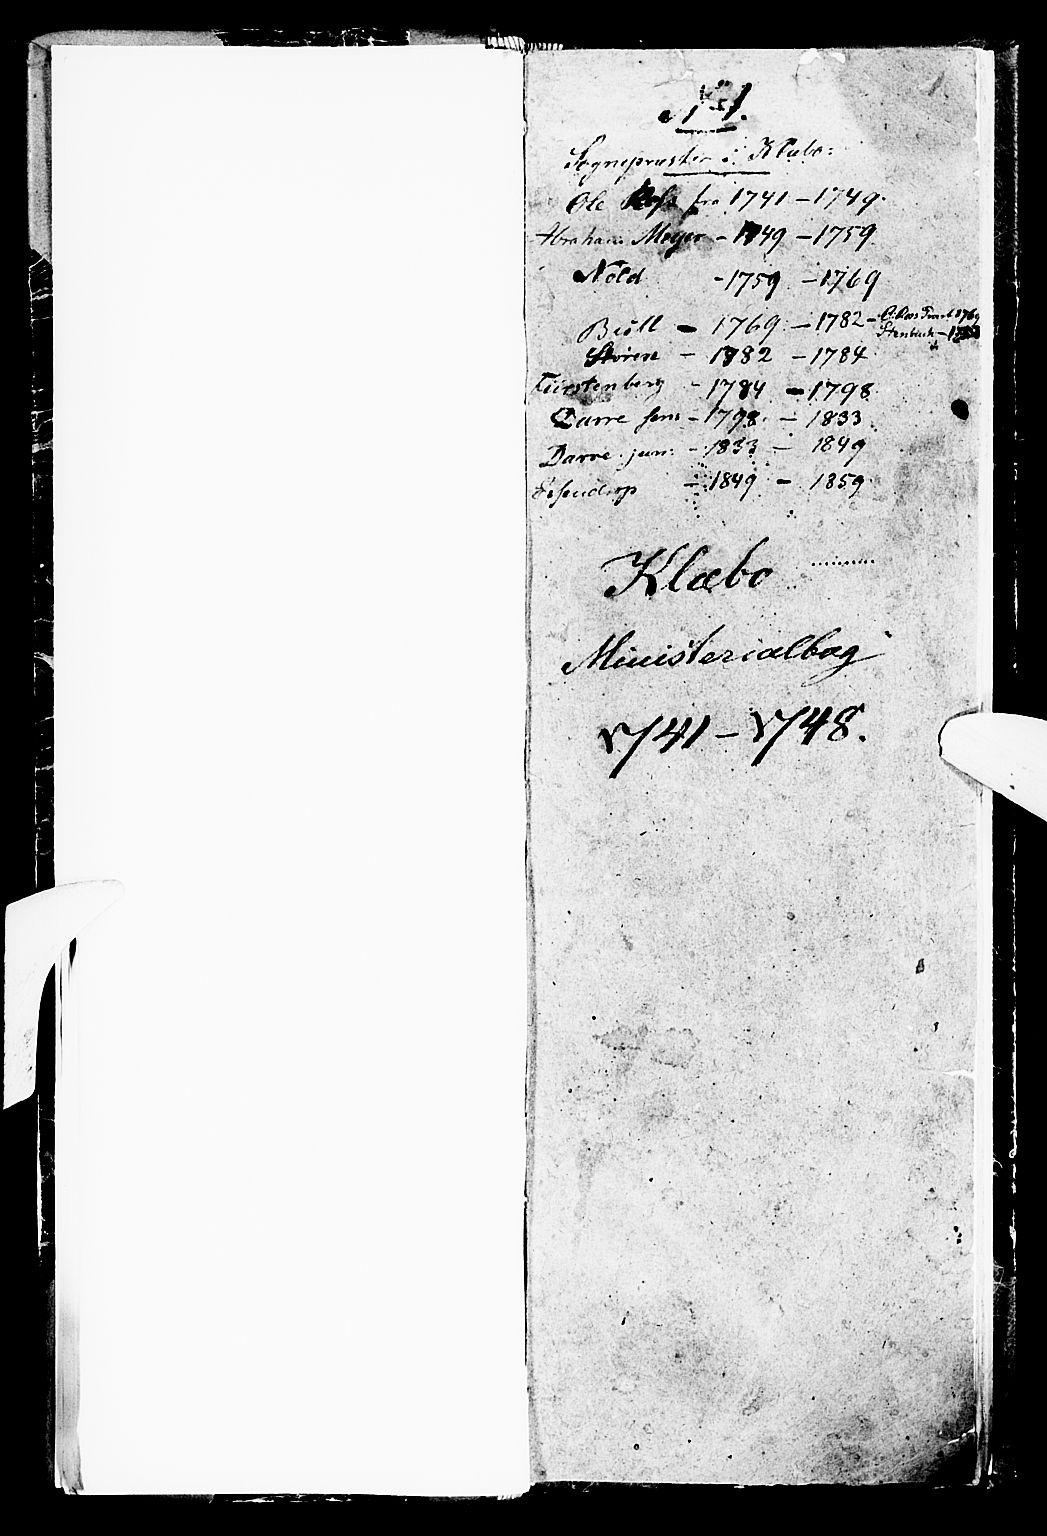 SAT, Ministerialprotokoller, klokkerbøker og fødselsregistre - Sør-Trøndelag, 618/L0436: Ministerialbok nr. 618A01, 1741-1749, s. 1